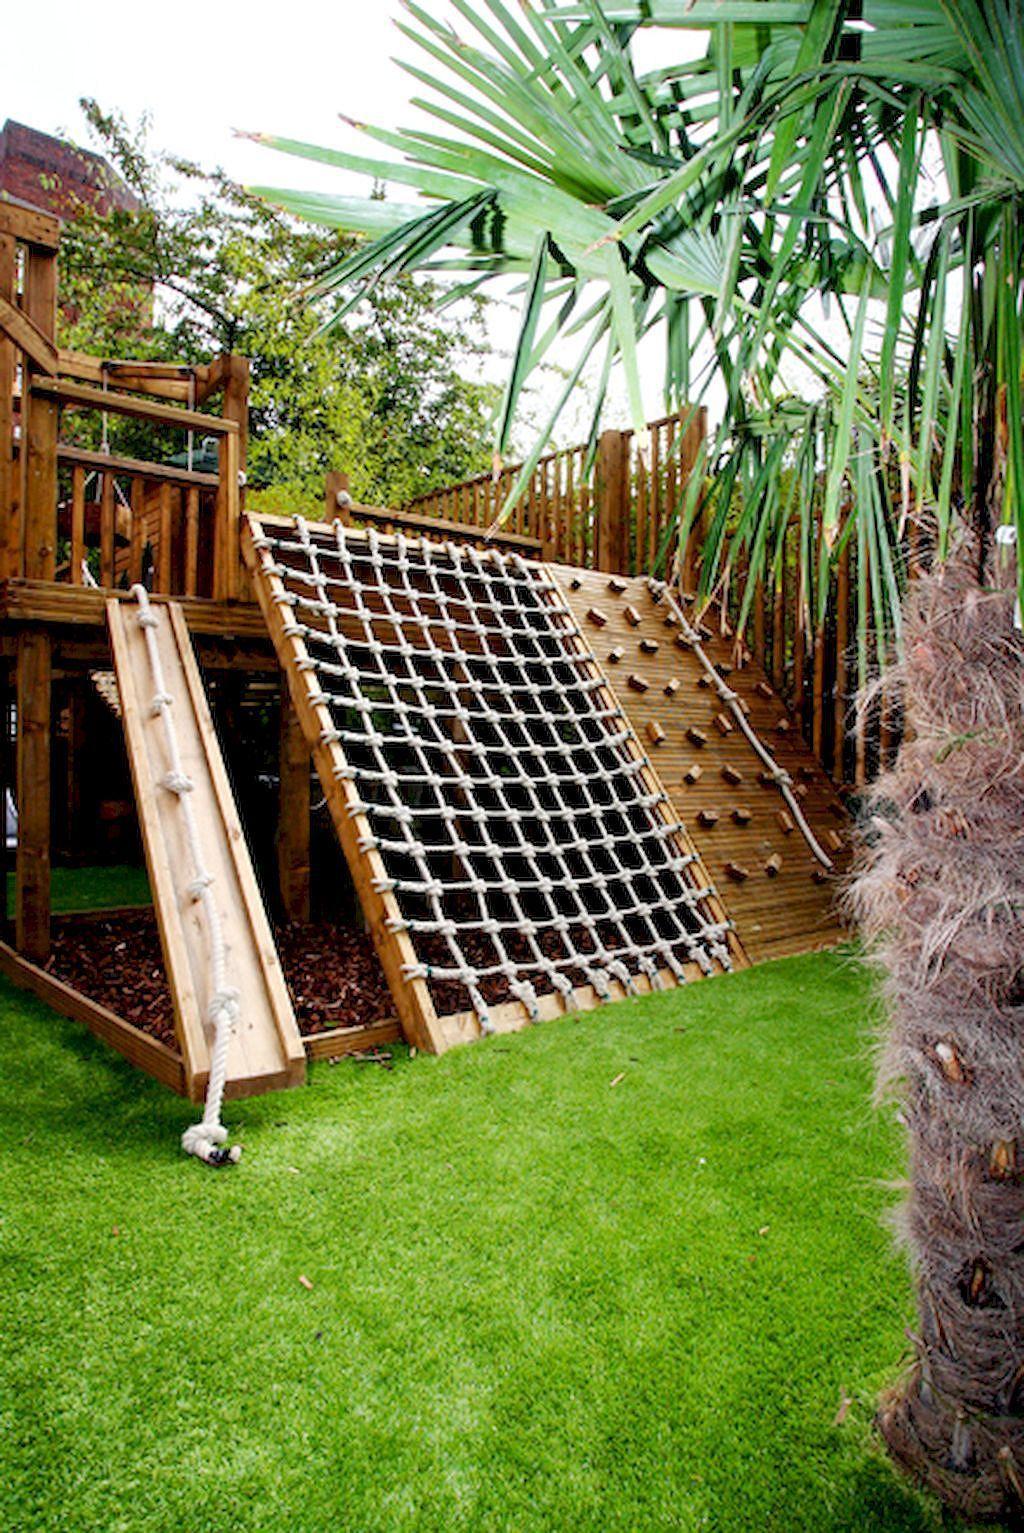 Creative Backyard Garden Playground For Kids 51 Backyard